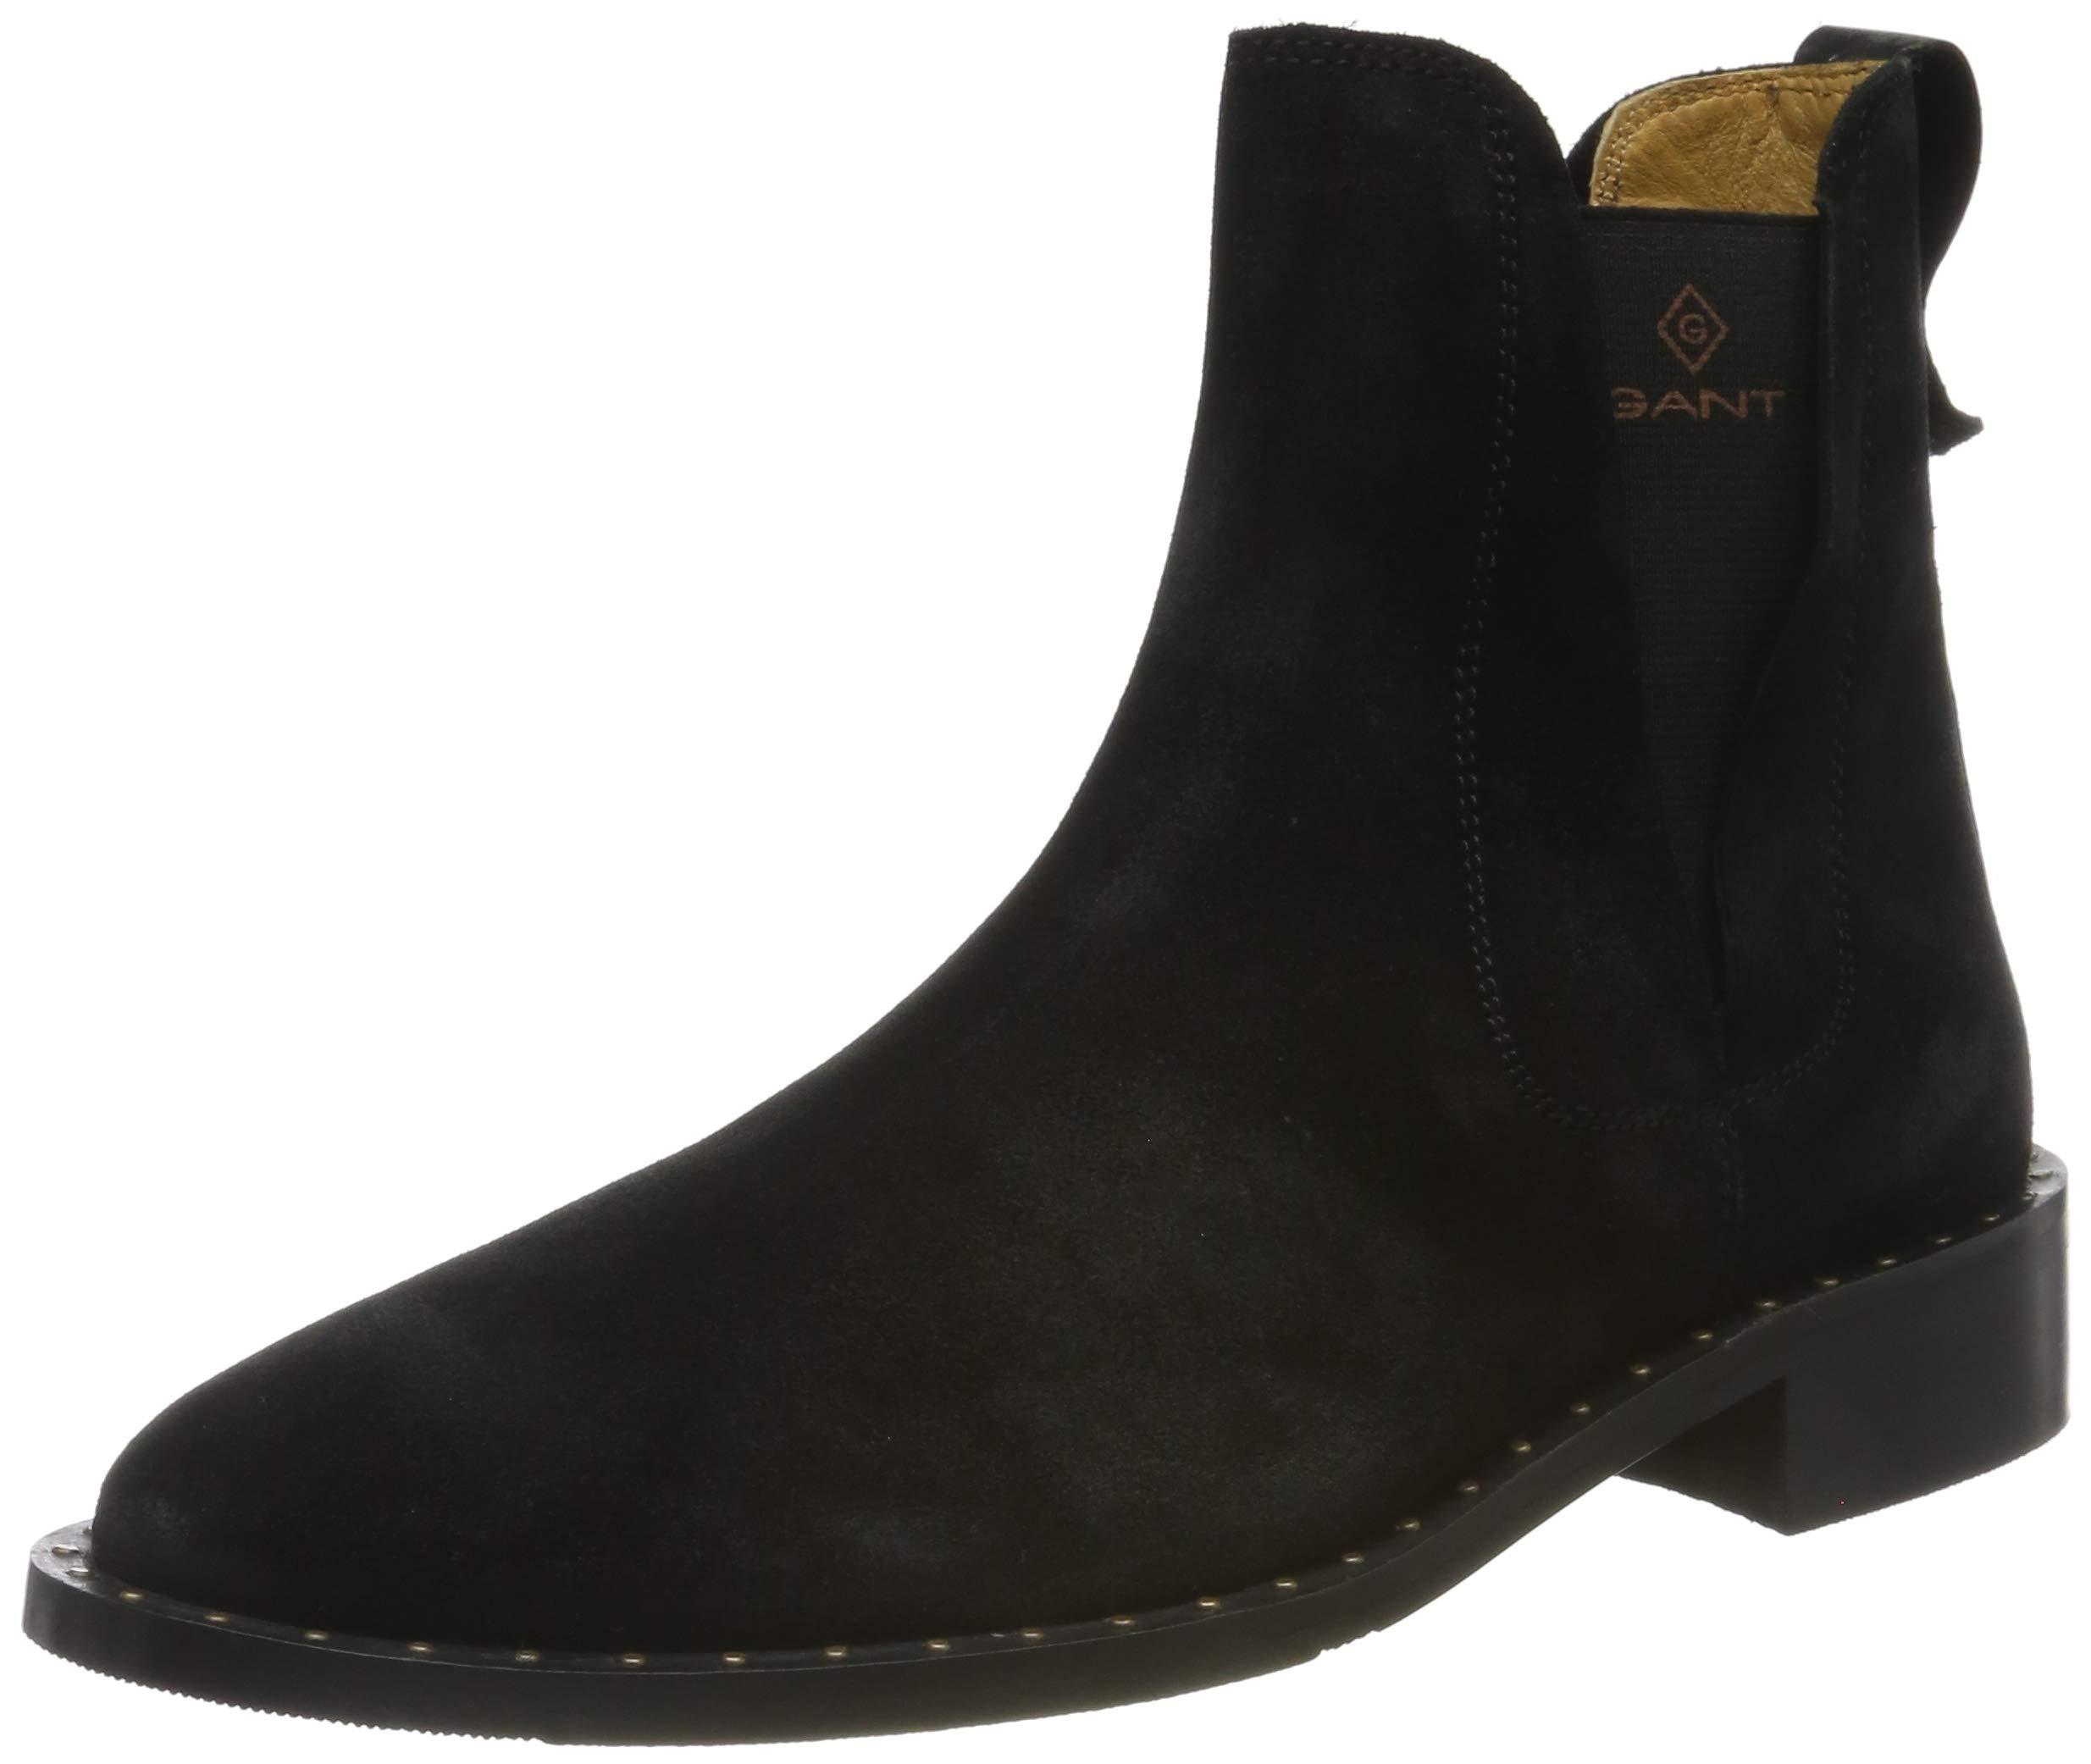 HamptonChelsea Gant Boots Eu G0038 FemmeNoirblack 8n0PXwkO